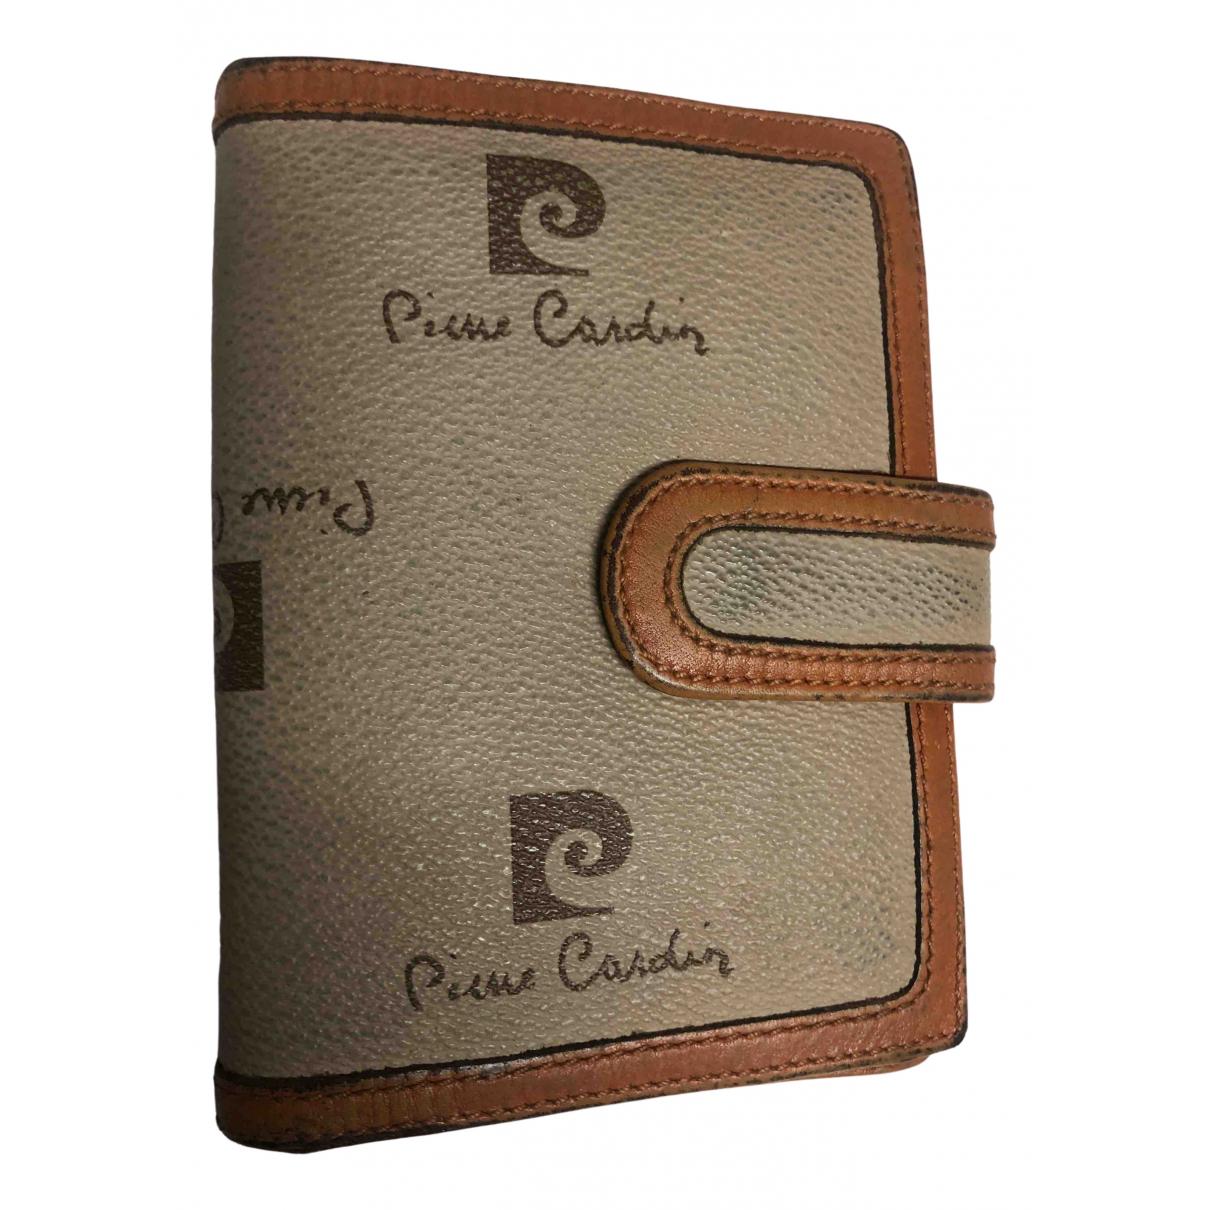 Pierre Cardin - Portefeuille   pour femme en cuir - beige